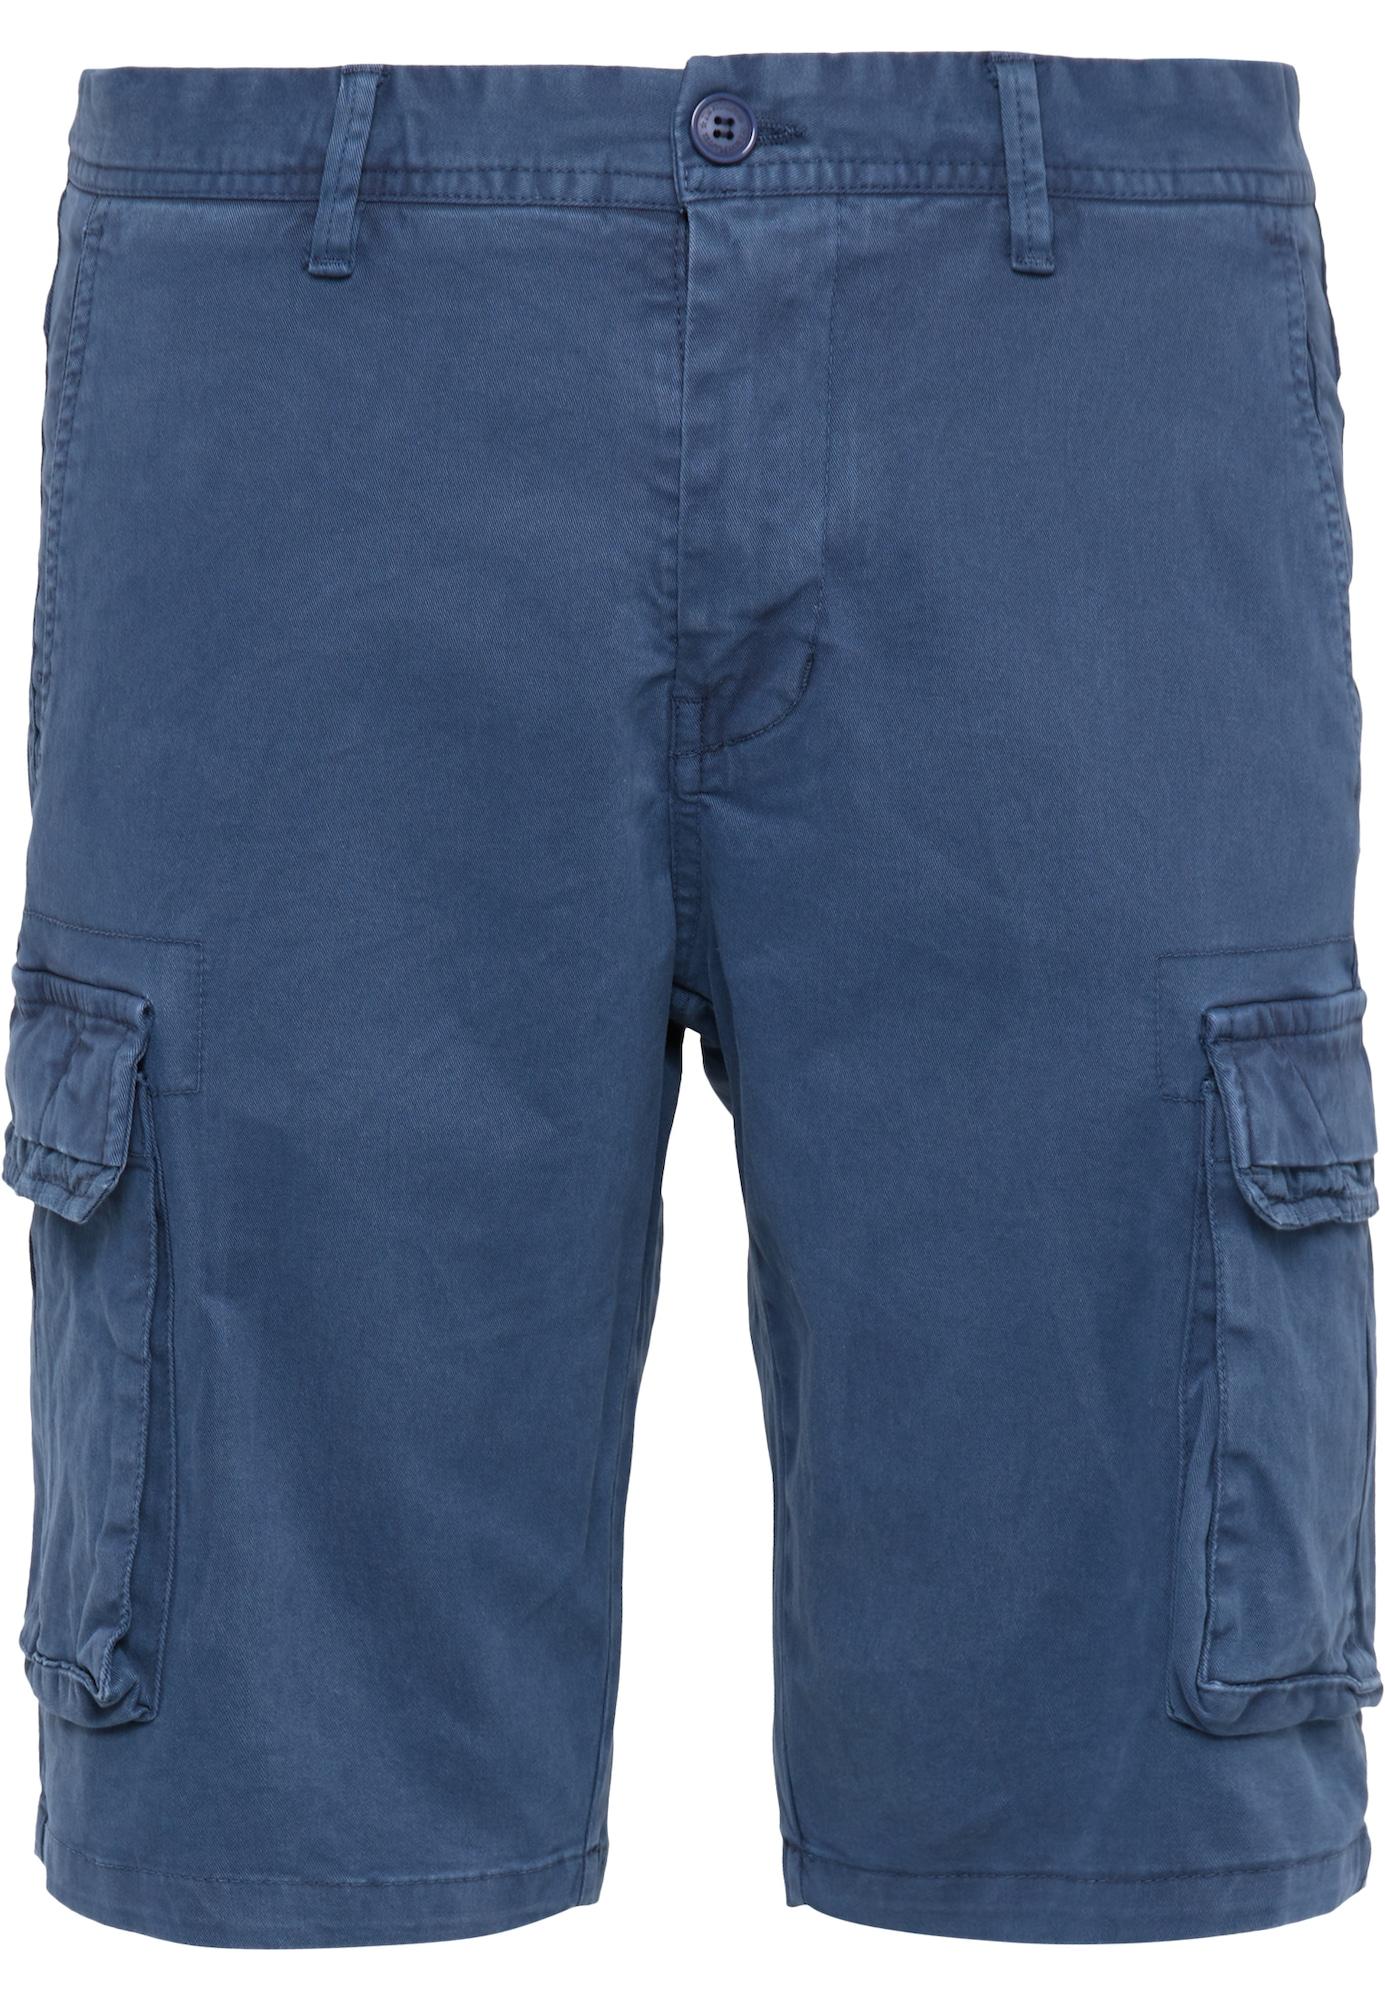 DreiMaster Vintage Laisvo stiliaus kelnės tamsiai mėlyna jūros spalva